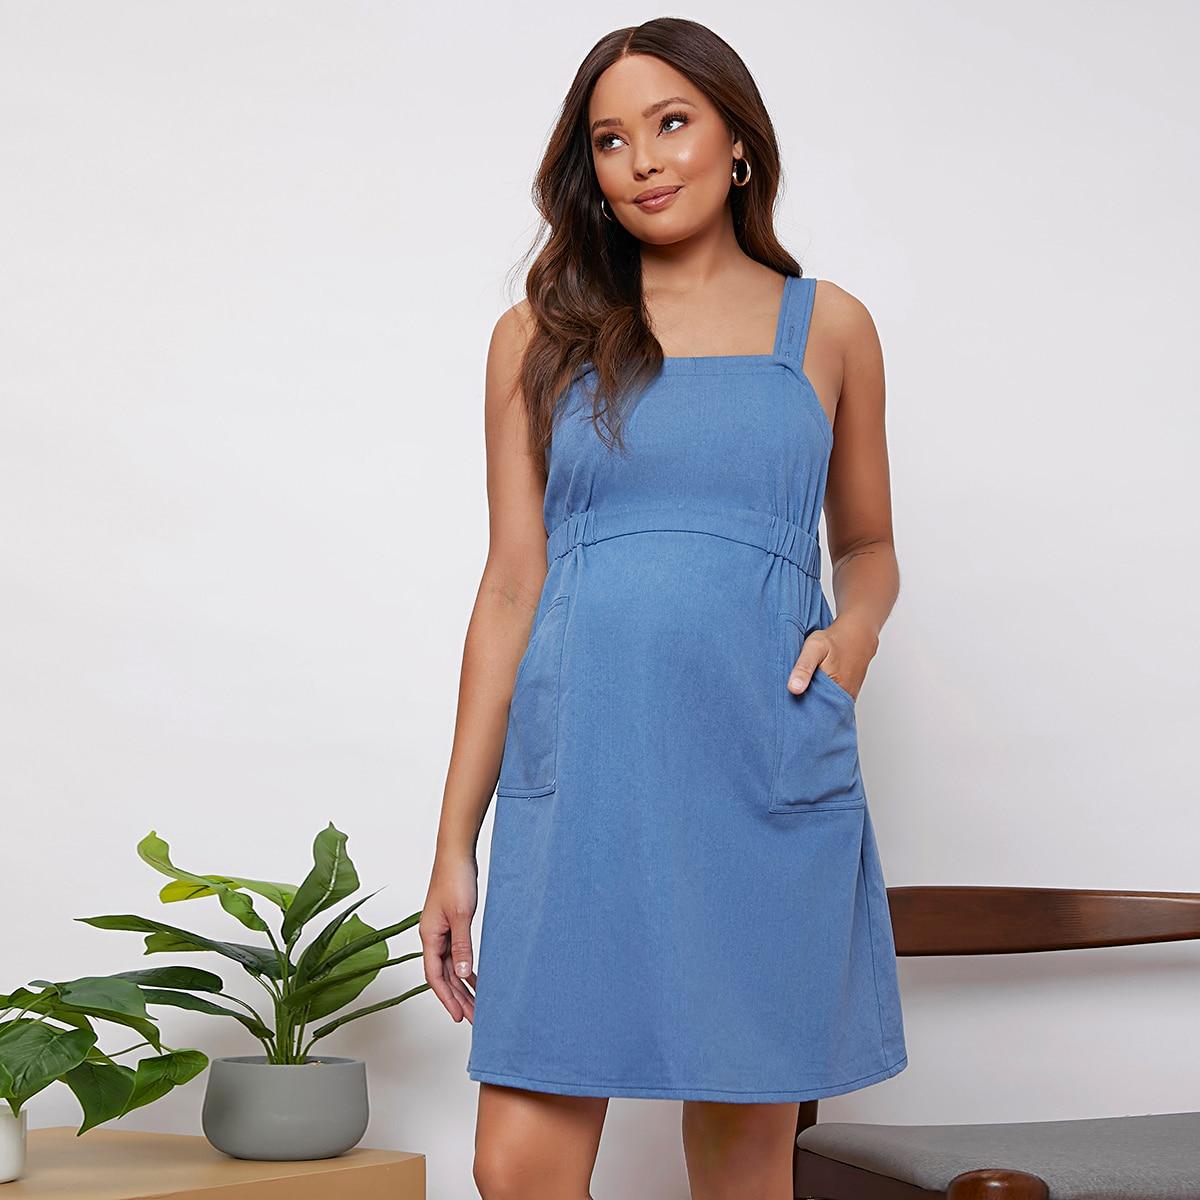 Карман ровный цвет повседневный джинсовая одежда для беременных